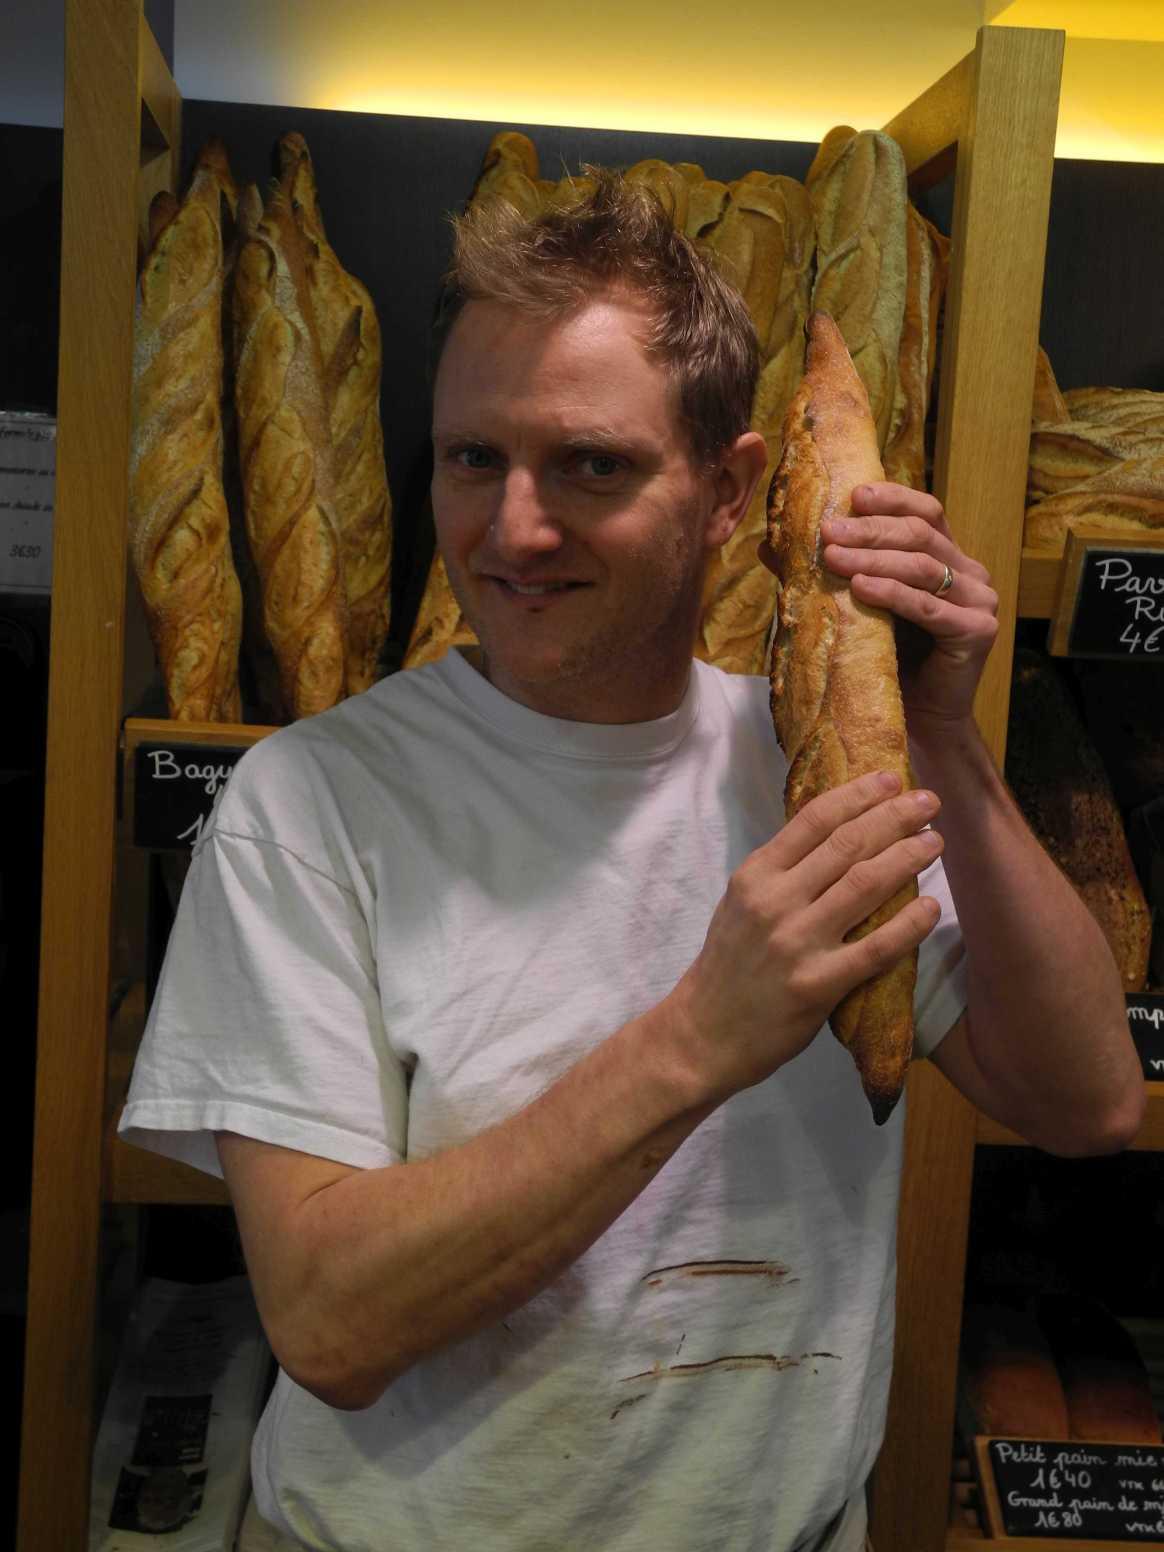 Hier knistert's. Bäcker Olivier Hanss und ein frischgebackene Baguette